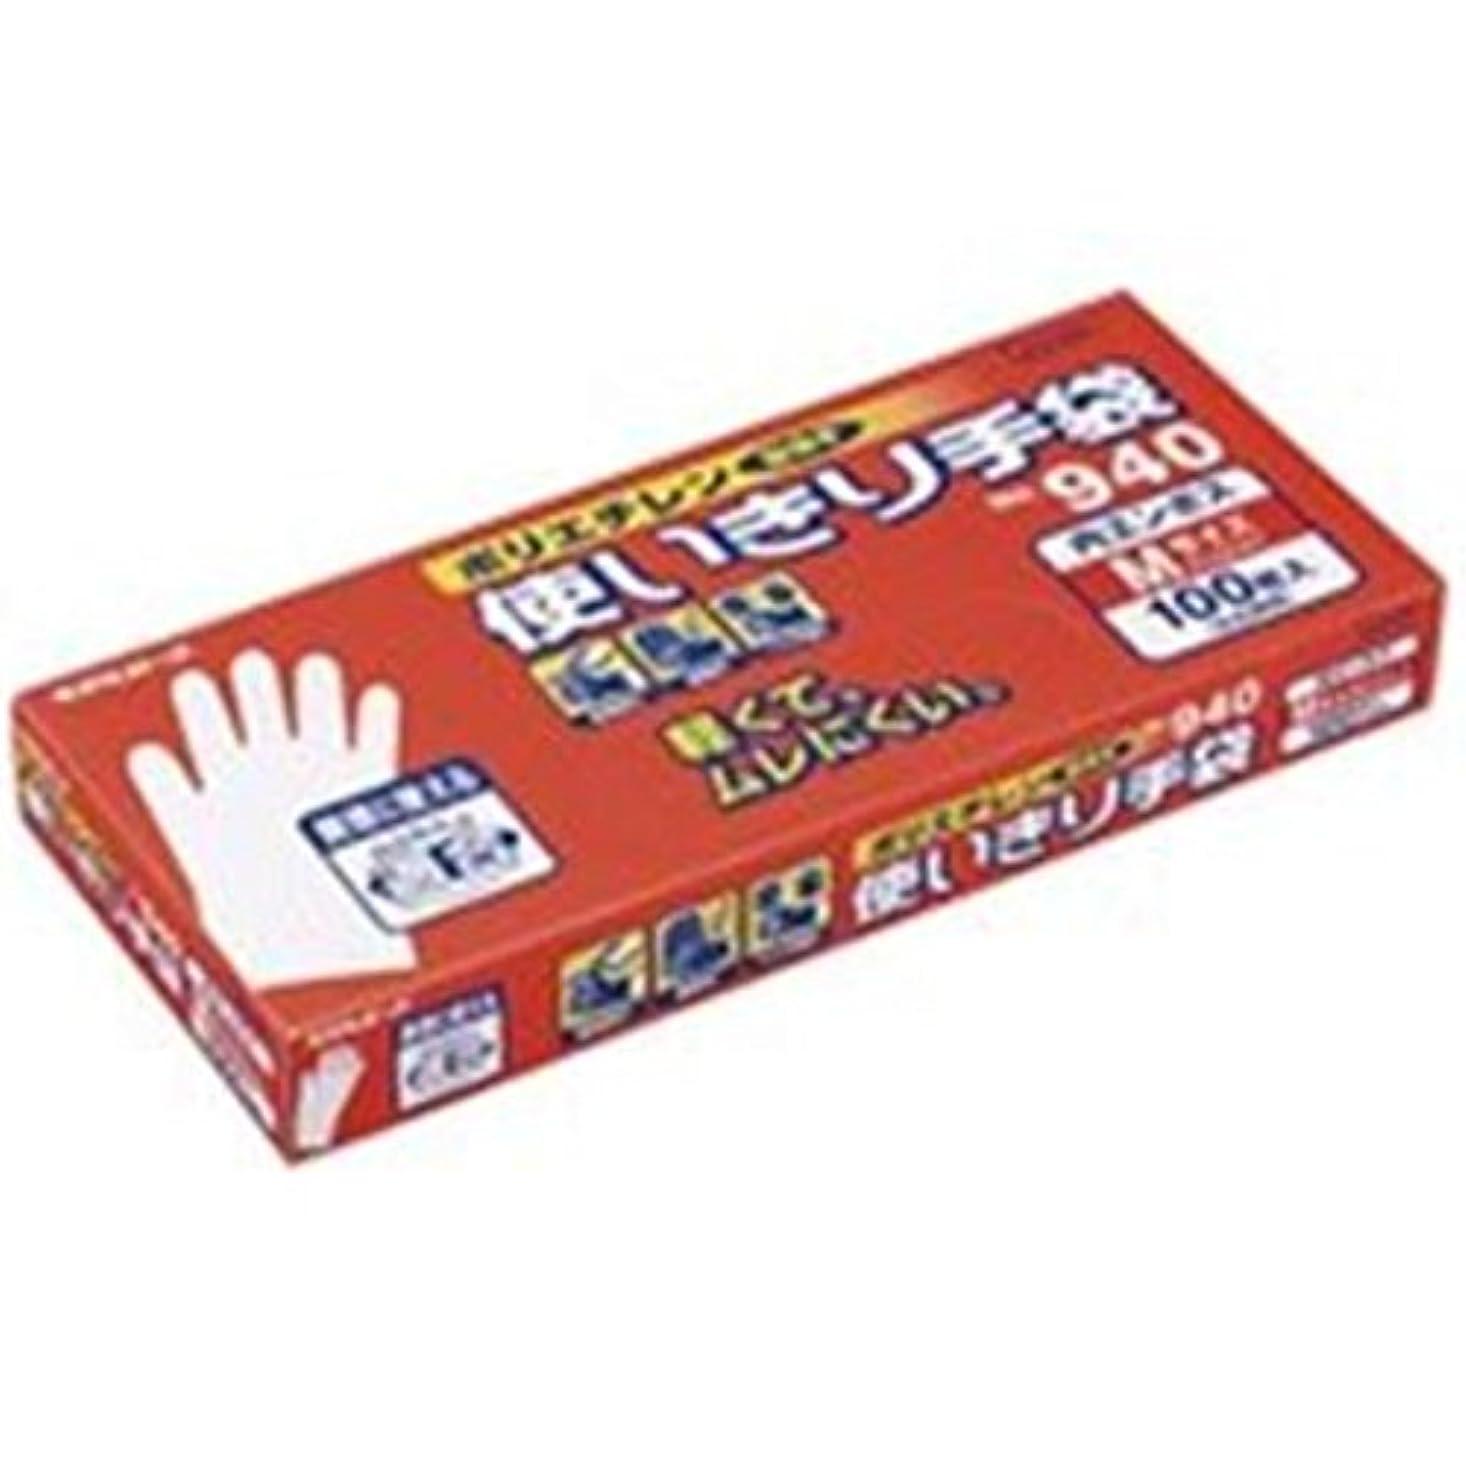 東ティモール方程式タオルエステー ポリエンボス使い切り手袋 No.940 M 24箱